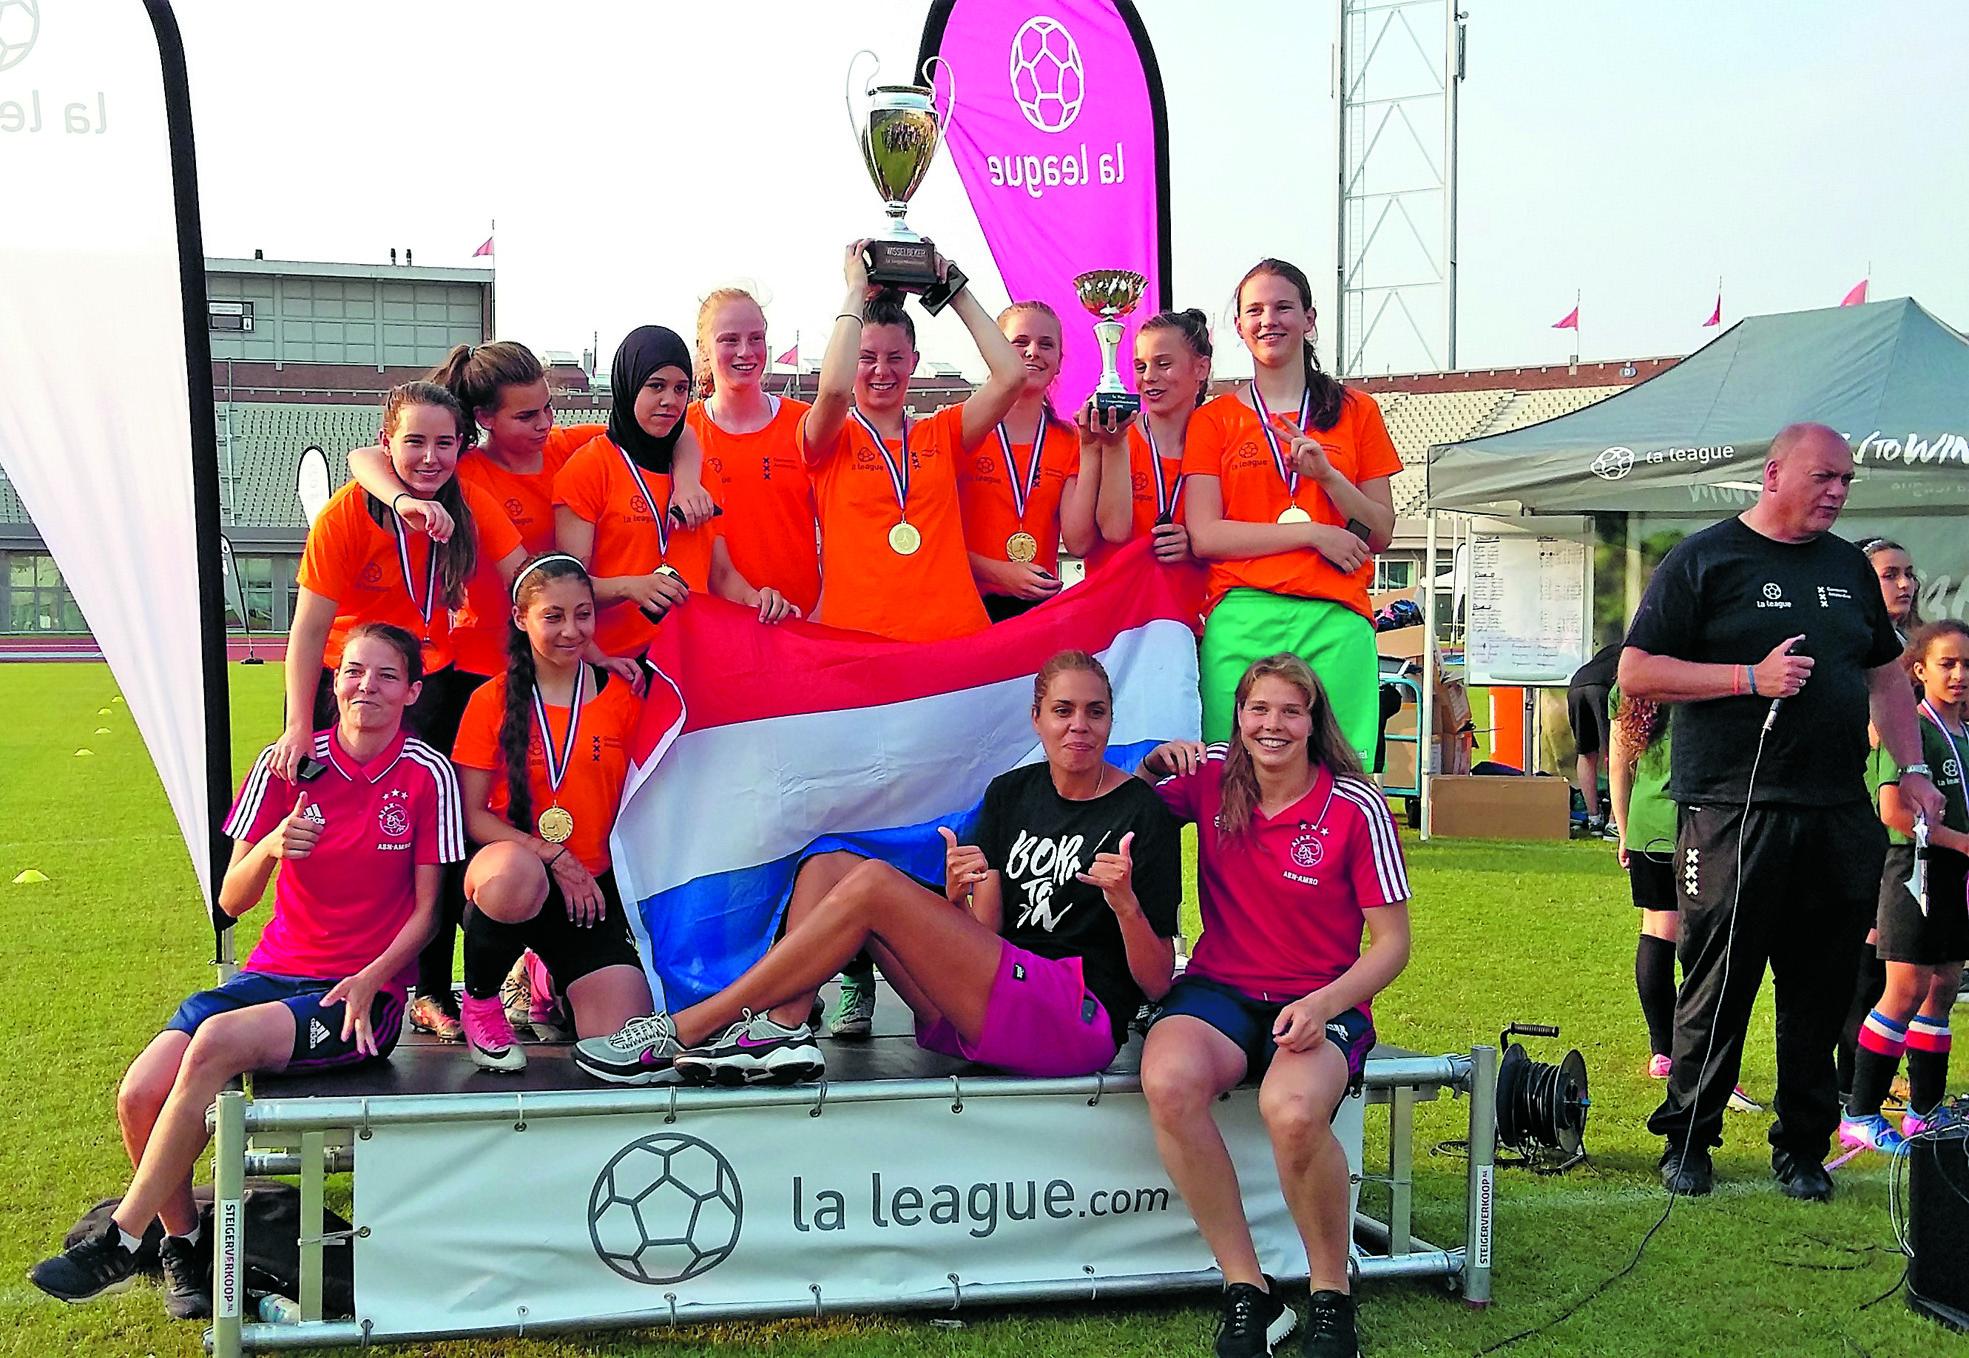 Team Noord op het podium, samen met straatvoetbalster Rocky - midden - en de landskampioenen van Ajax: Nicky van den Abbeele en Lize Kop. (Foto: aangeleverd)